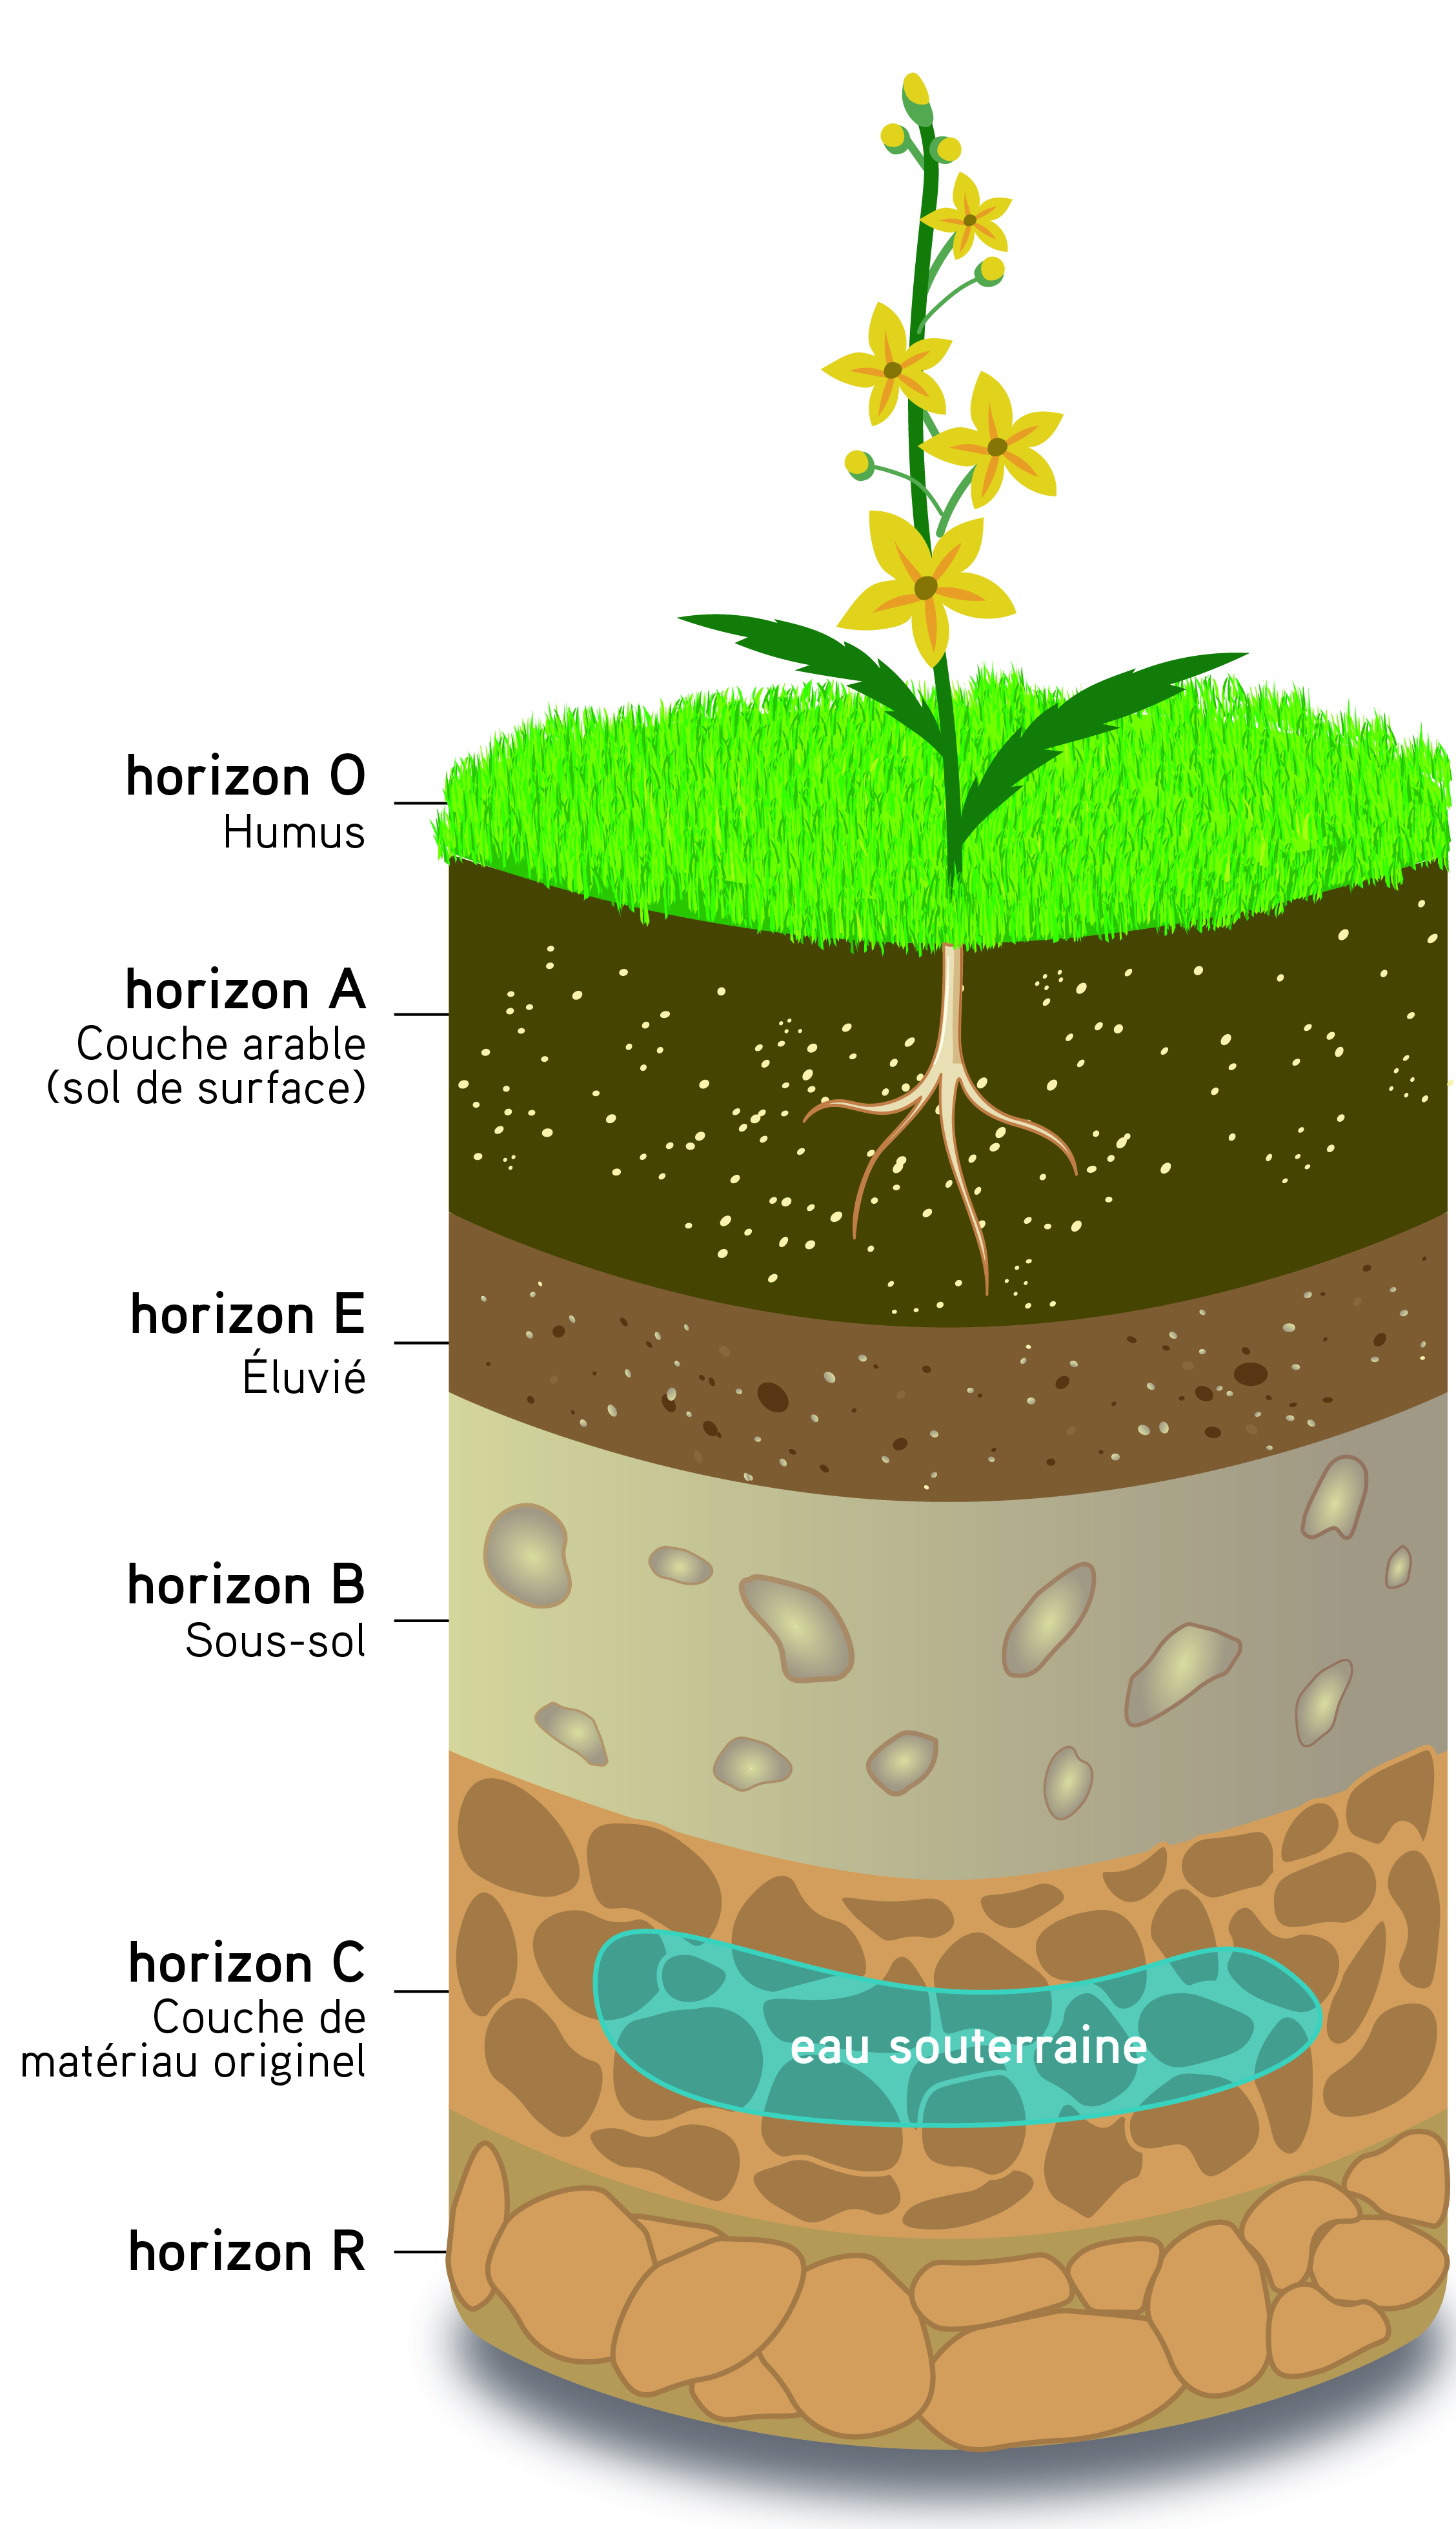 Les sols, épiderme fragile aux multiples fonctions et services écosystémiques